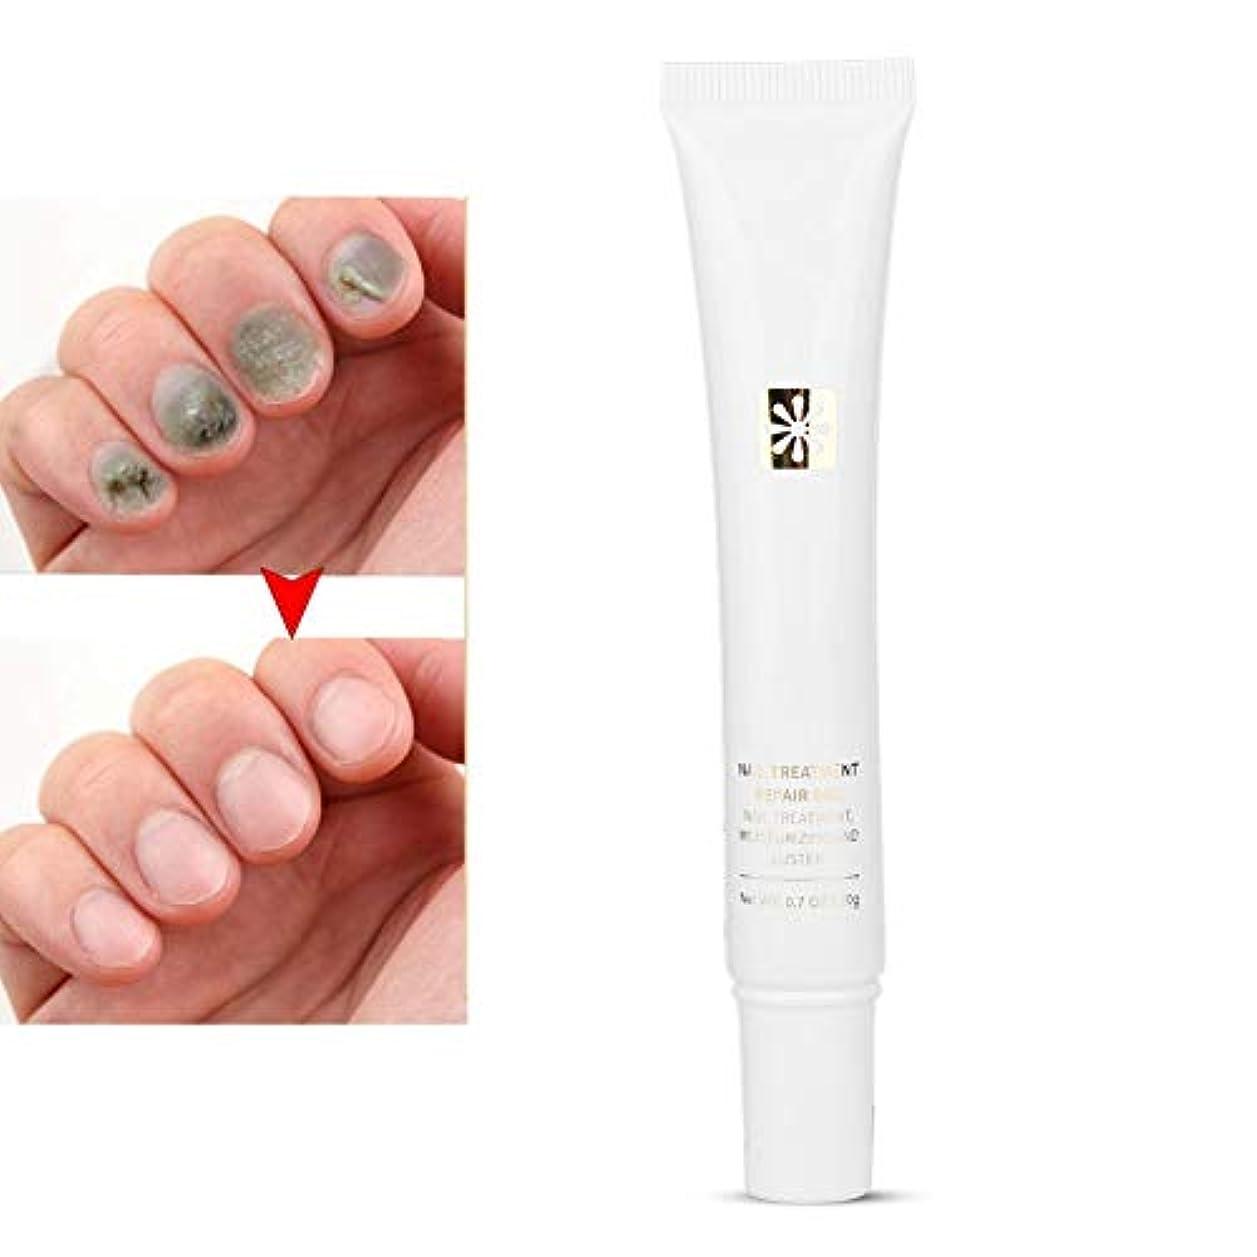 理容師メーター事実ネイルケアクリーム、20g爪の補修霜の足のりのなめらかなダメージを受けた爪の回復に効果的です